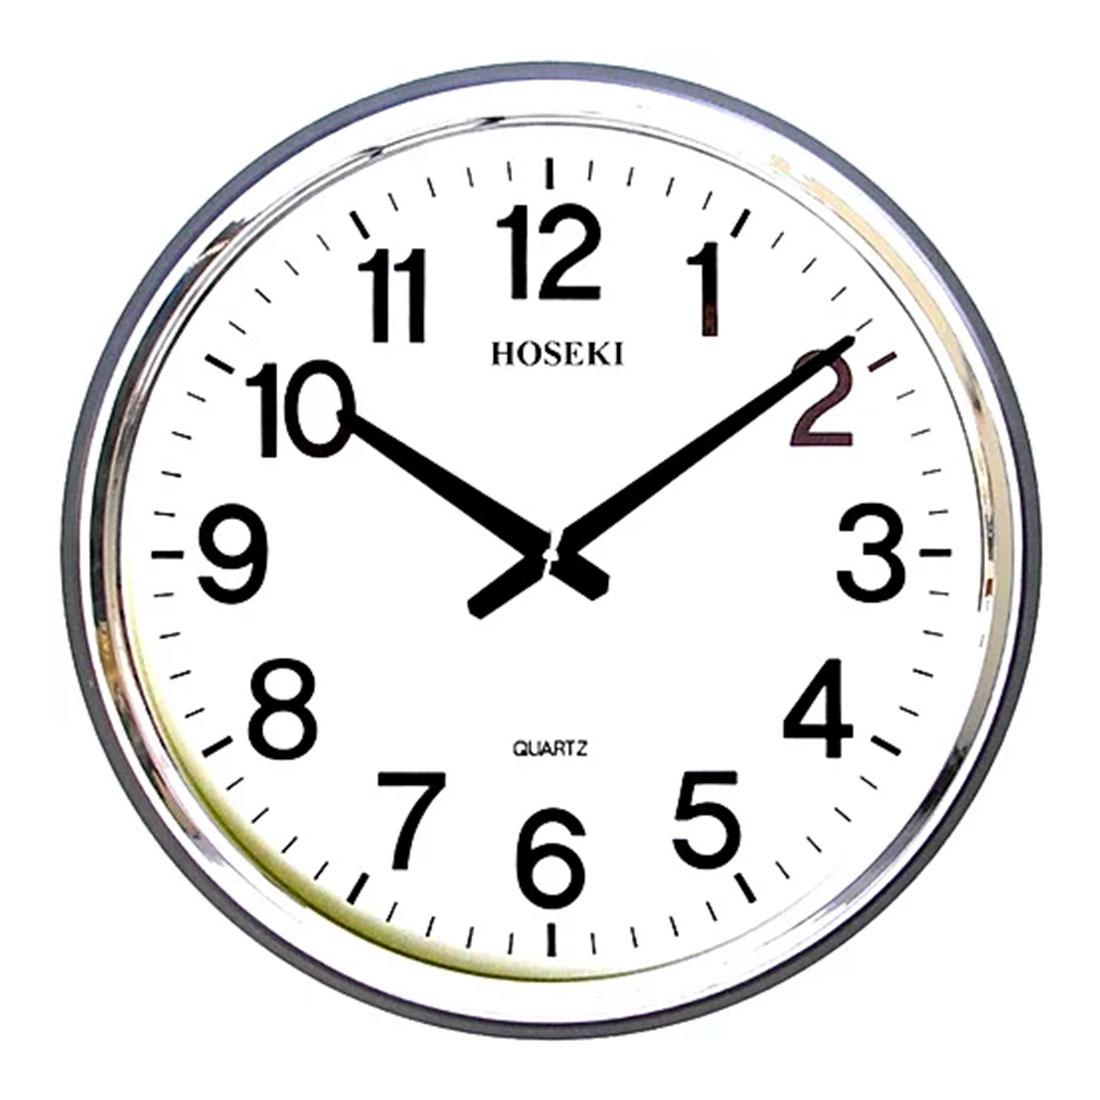 Hoseki Quartz H-8711 Musical Round Analog Melody Wall Clock